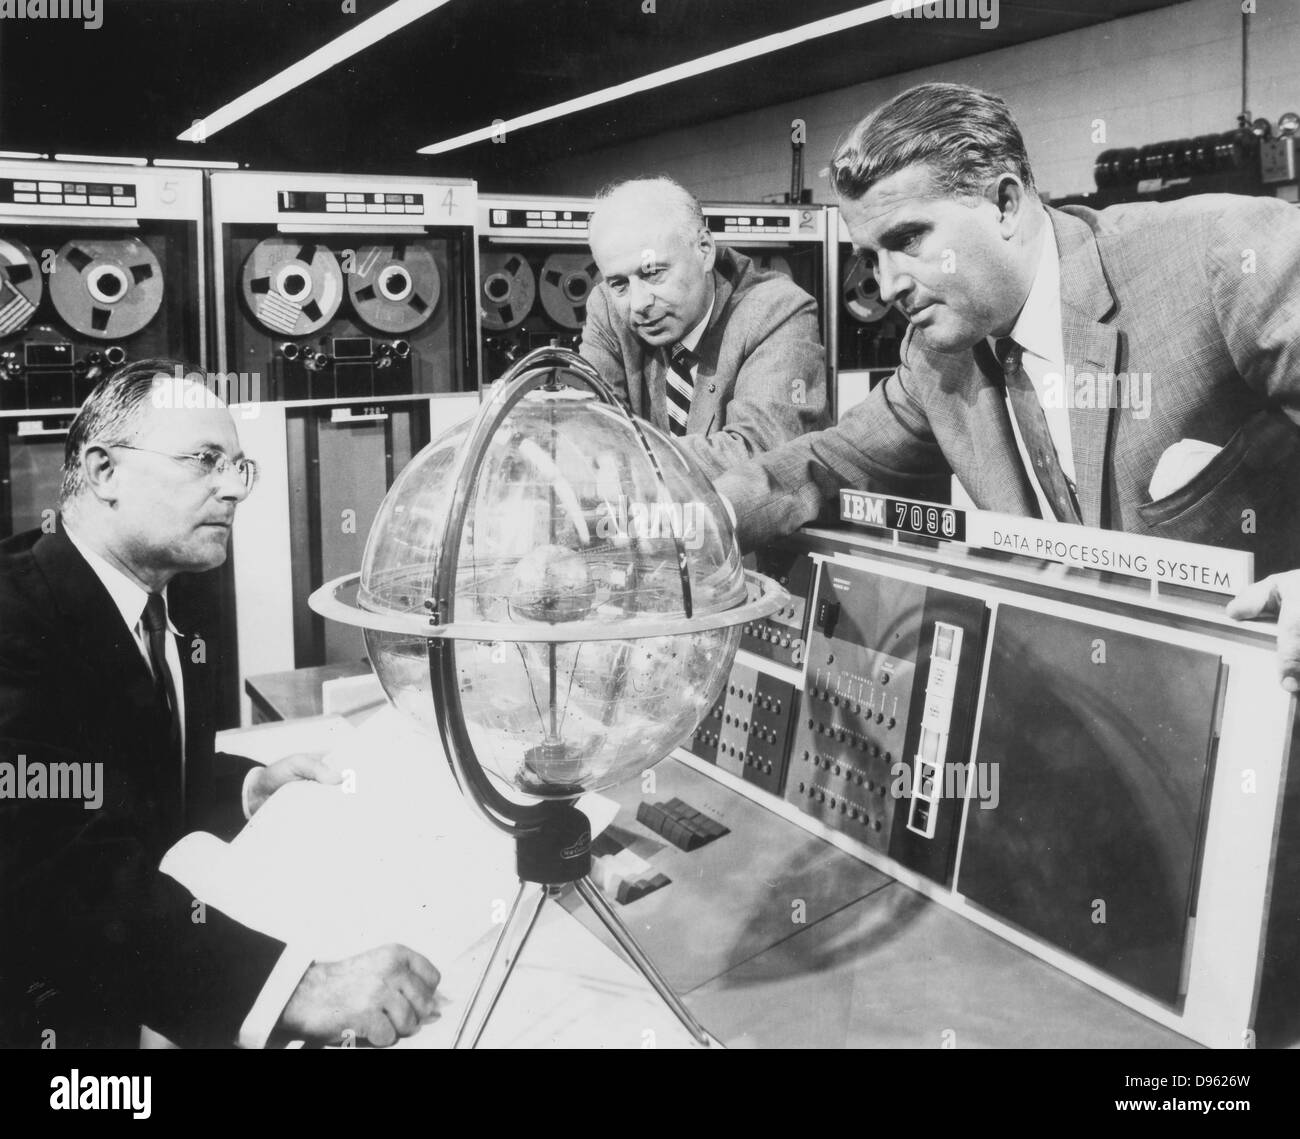 Werner Magnus Maximilian Freihier von Braun (1912-1977) deutscher Wissenschaftler im Rakete Programm seines Landes beteiligt. Nach dem Zweiten Weltkrieg nahm er uns Nationalität. Er wurde Direktor der NASA und als Vater der US Space Programm angesehen. Stockfoto